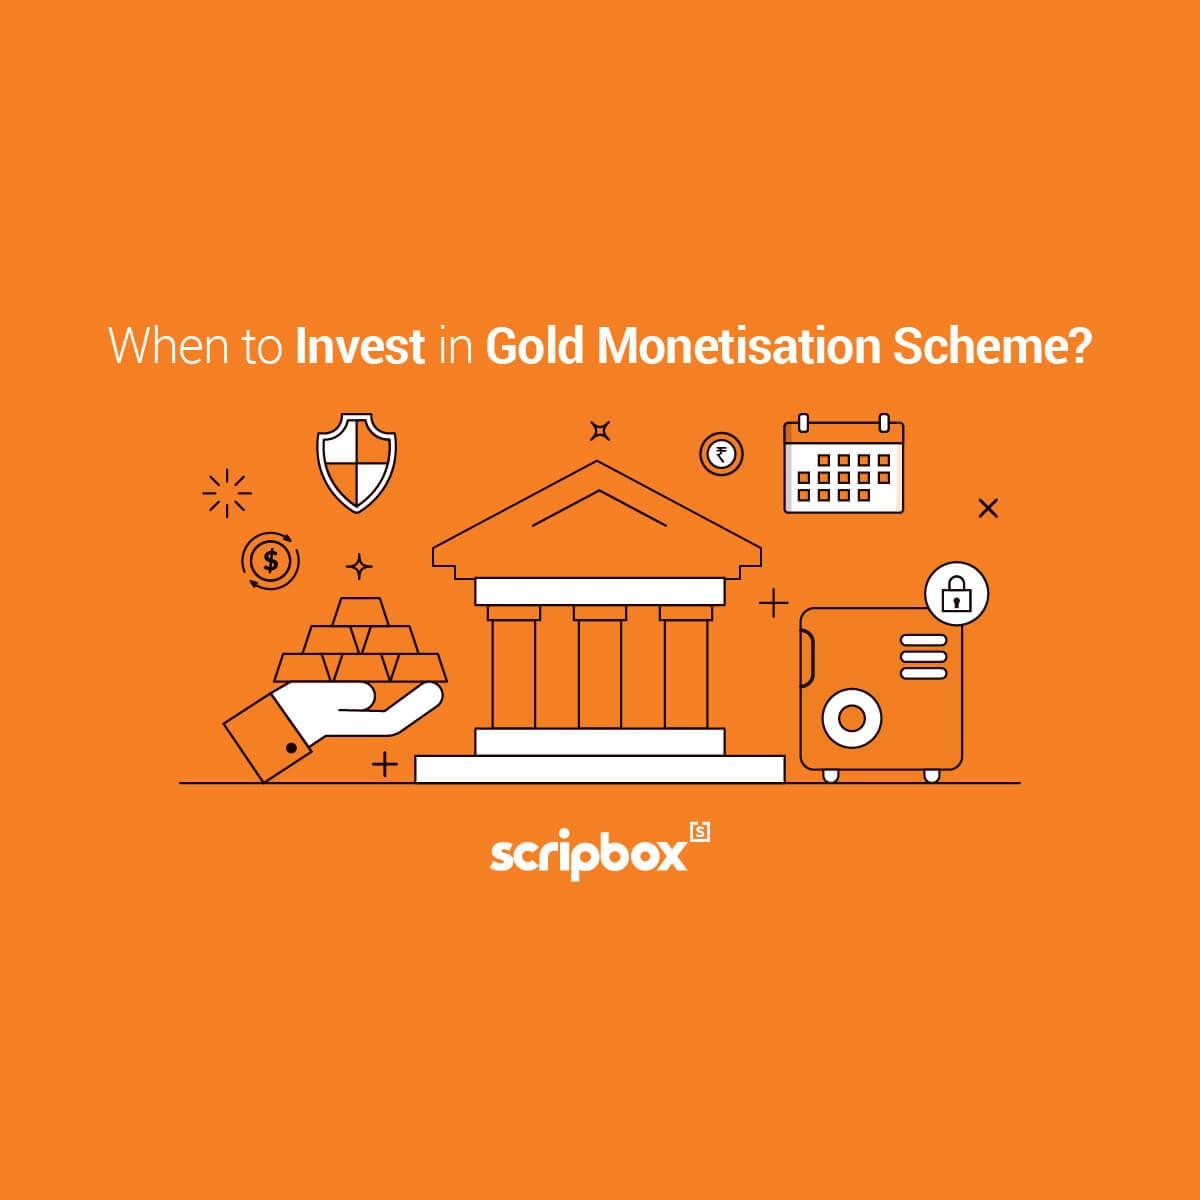 gold moneitsation scheme